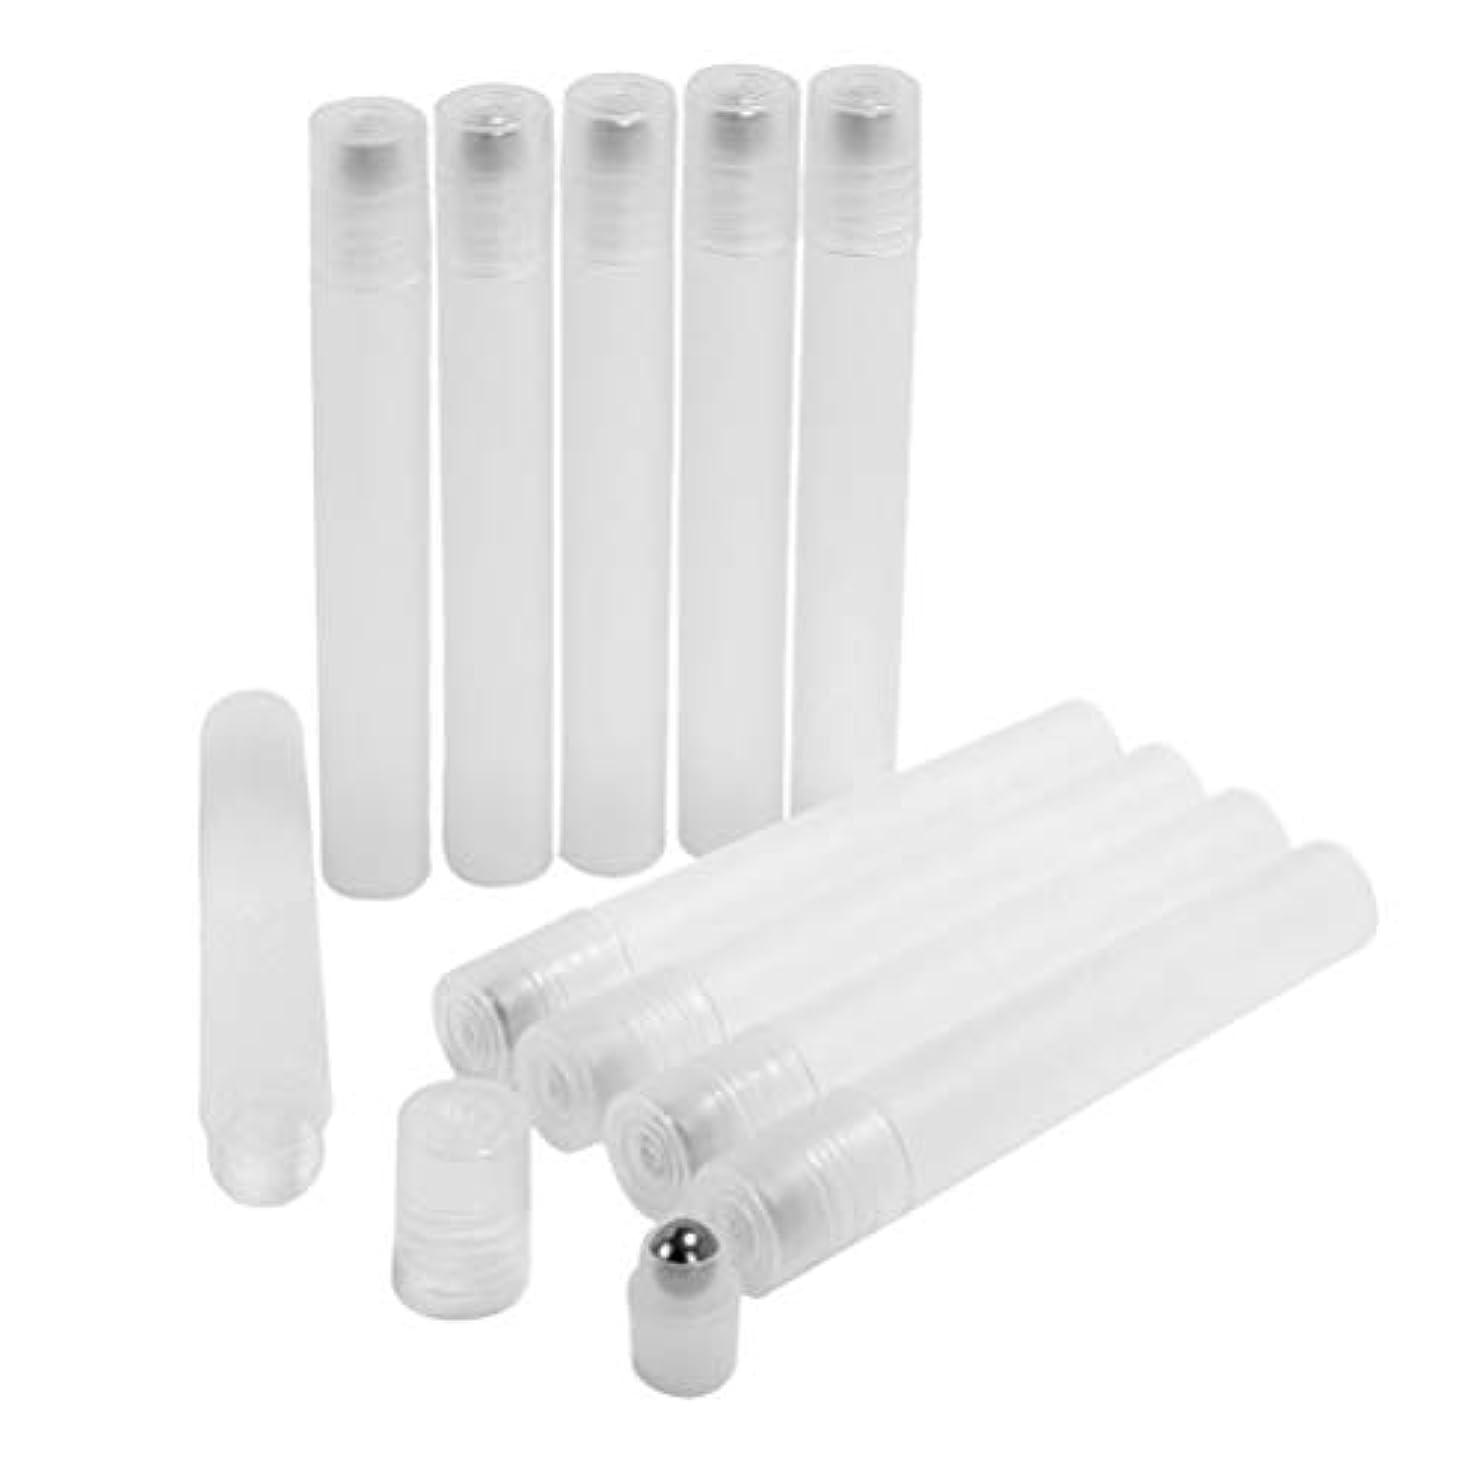 シャーロックホームズ数学有効なFrcolor ロールオンボトル 10ml ロールタイプ 精油 香水 小分け用 多機能 アロマボトル 保存容器 10本セット 透明